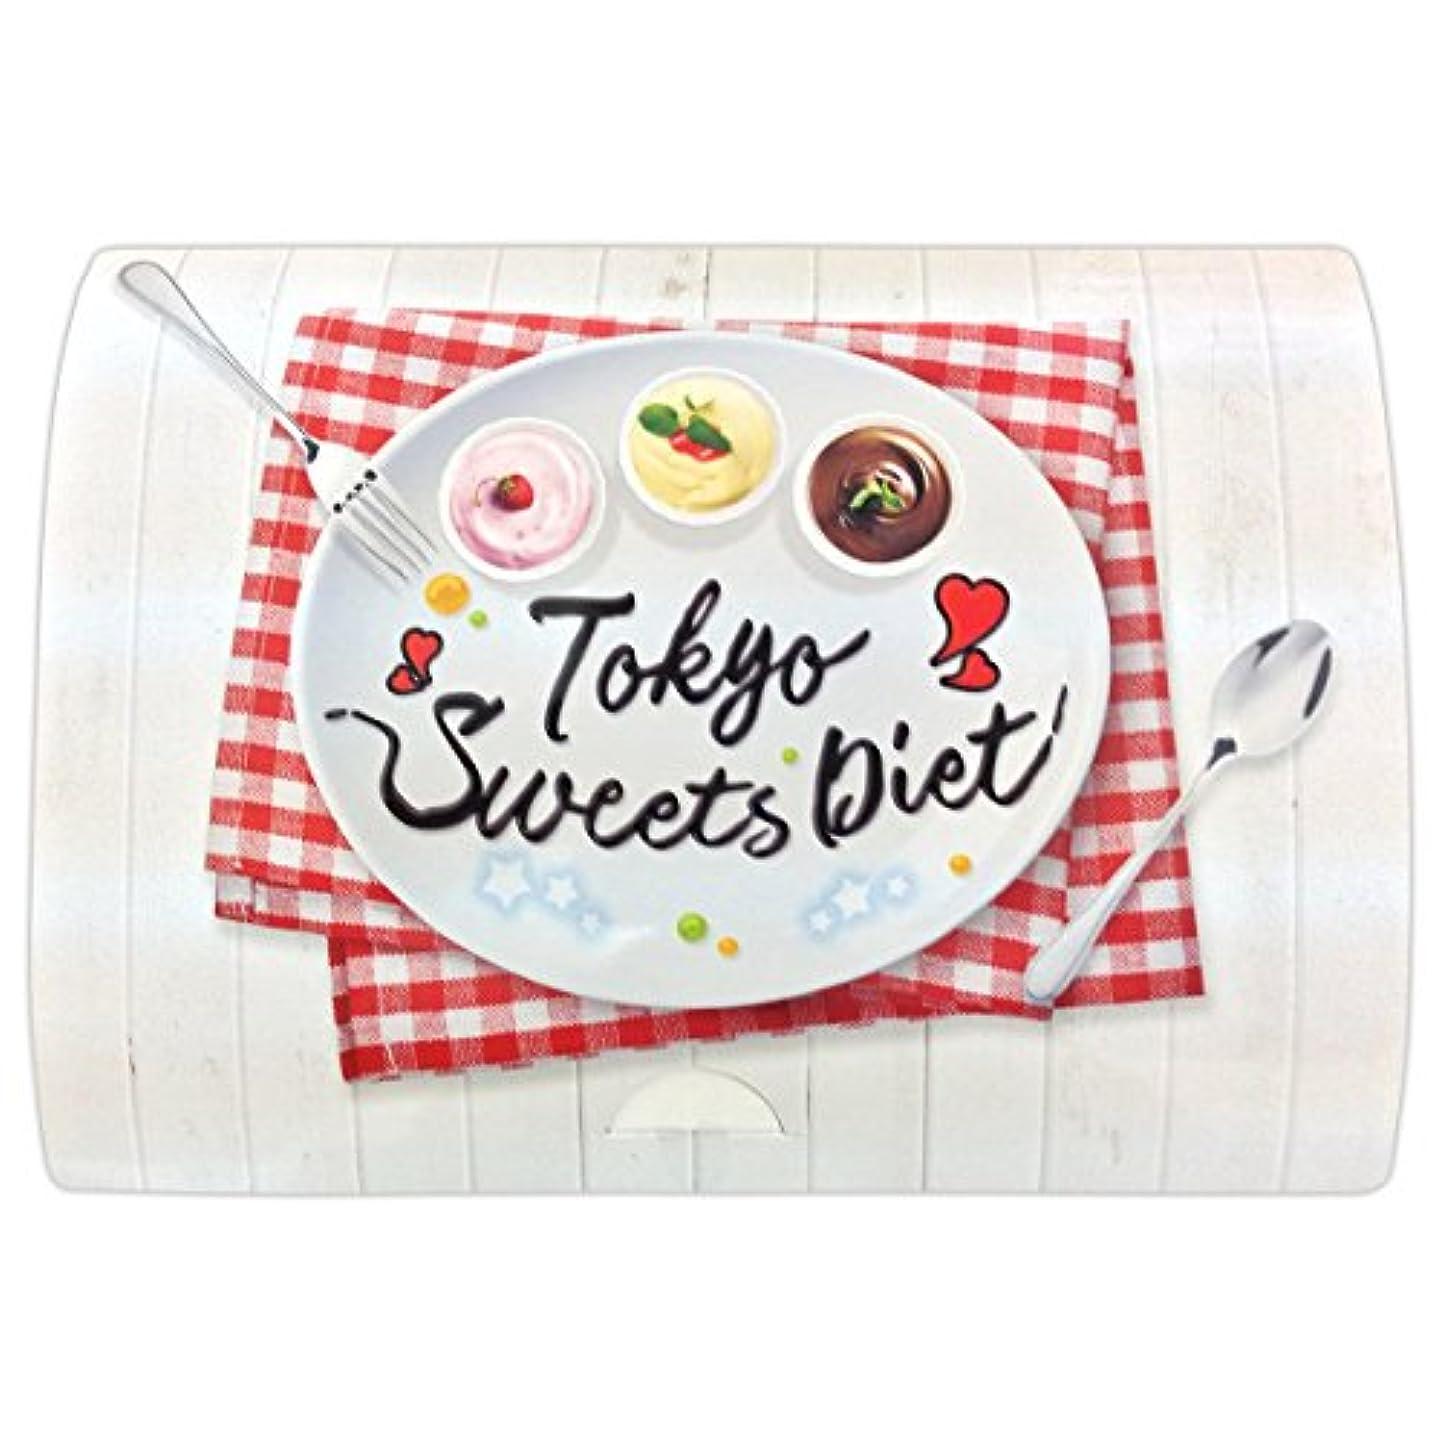 開発来て一回IDEA TOKYOスイーツダイエット 置き換えダイエットスイーツ 15食(1包:15g) ストロベリー味 チョコレート味 プリン味